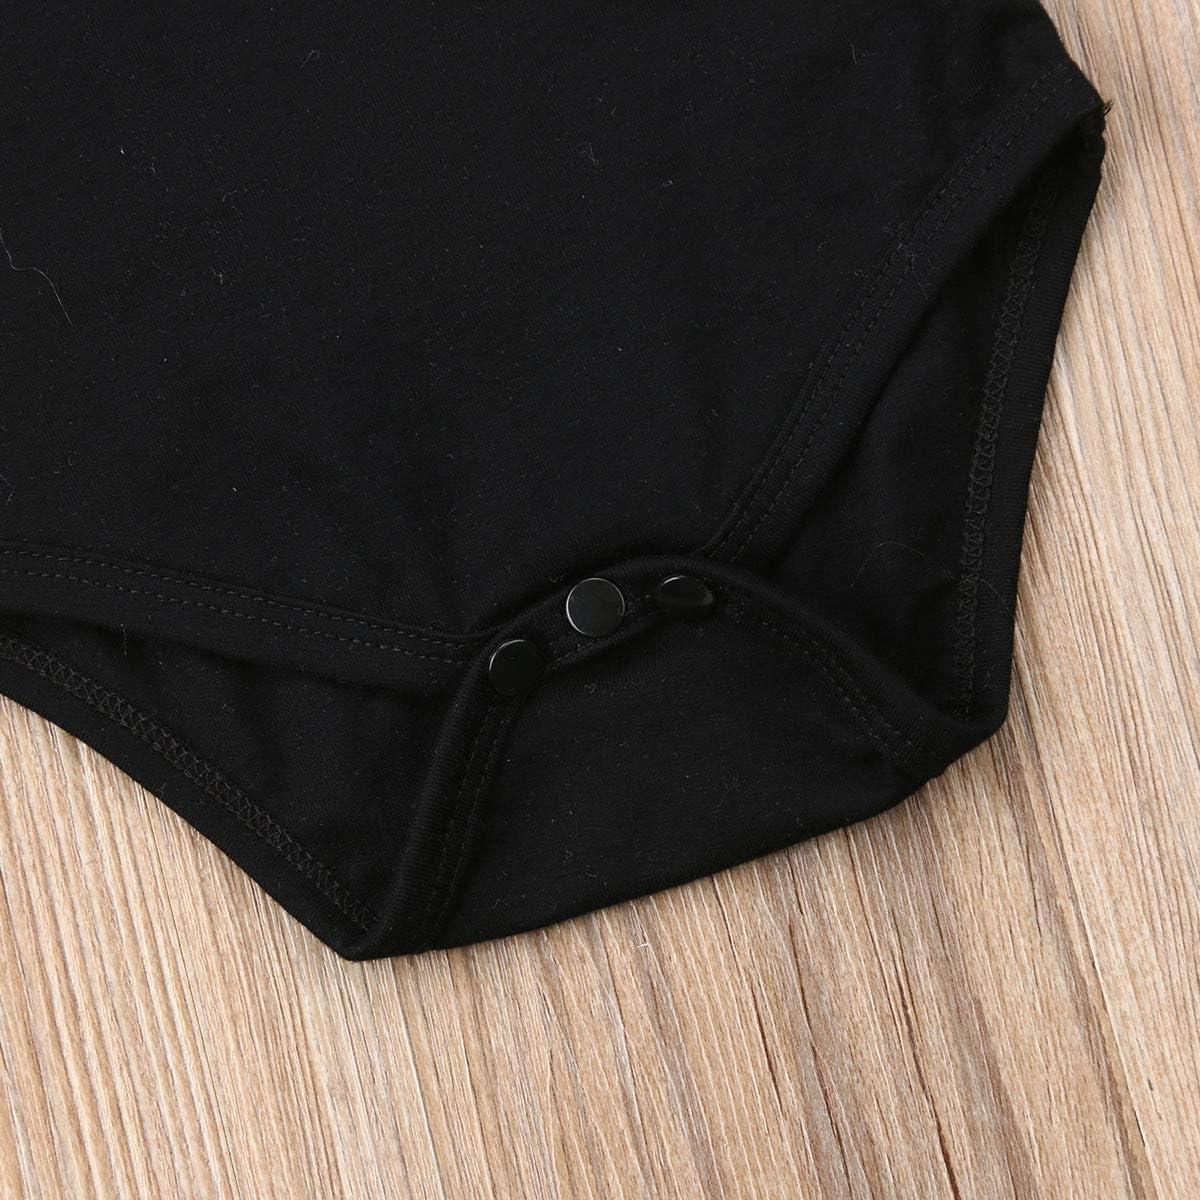 Fascia a Righe Tuta Bambina Bimba Body Carolilly 3 Pezzi Completo Pagliaccetto Neonata Nero a Maniche Lunghe+Pantaloncini Leopardati